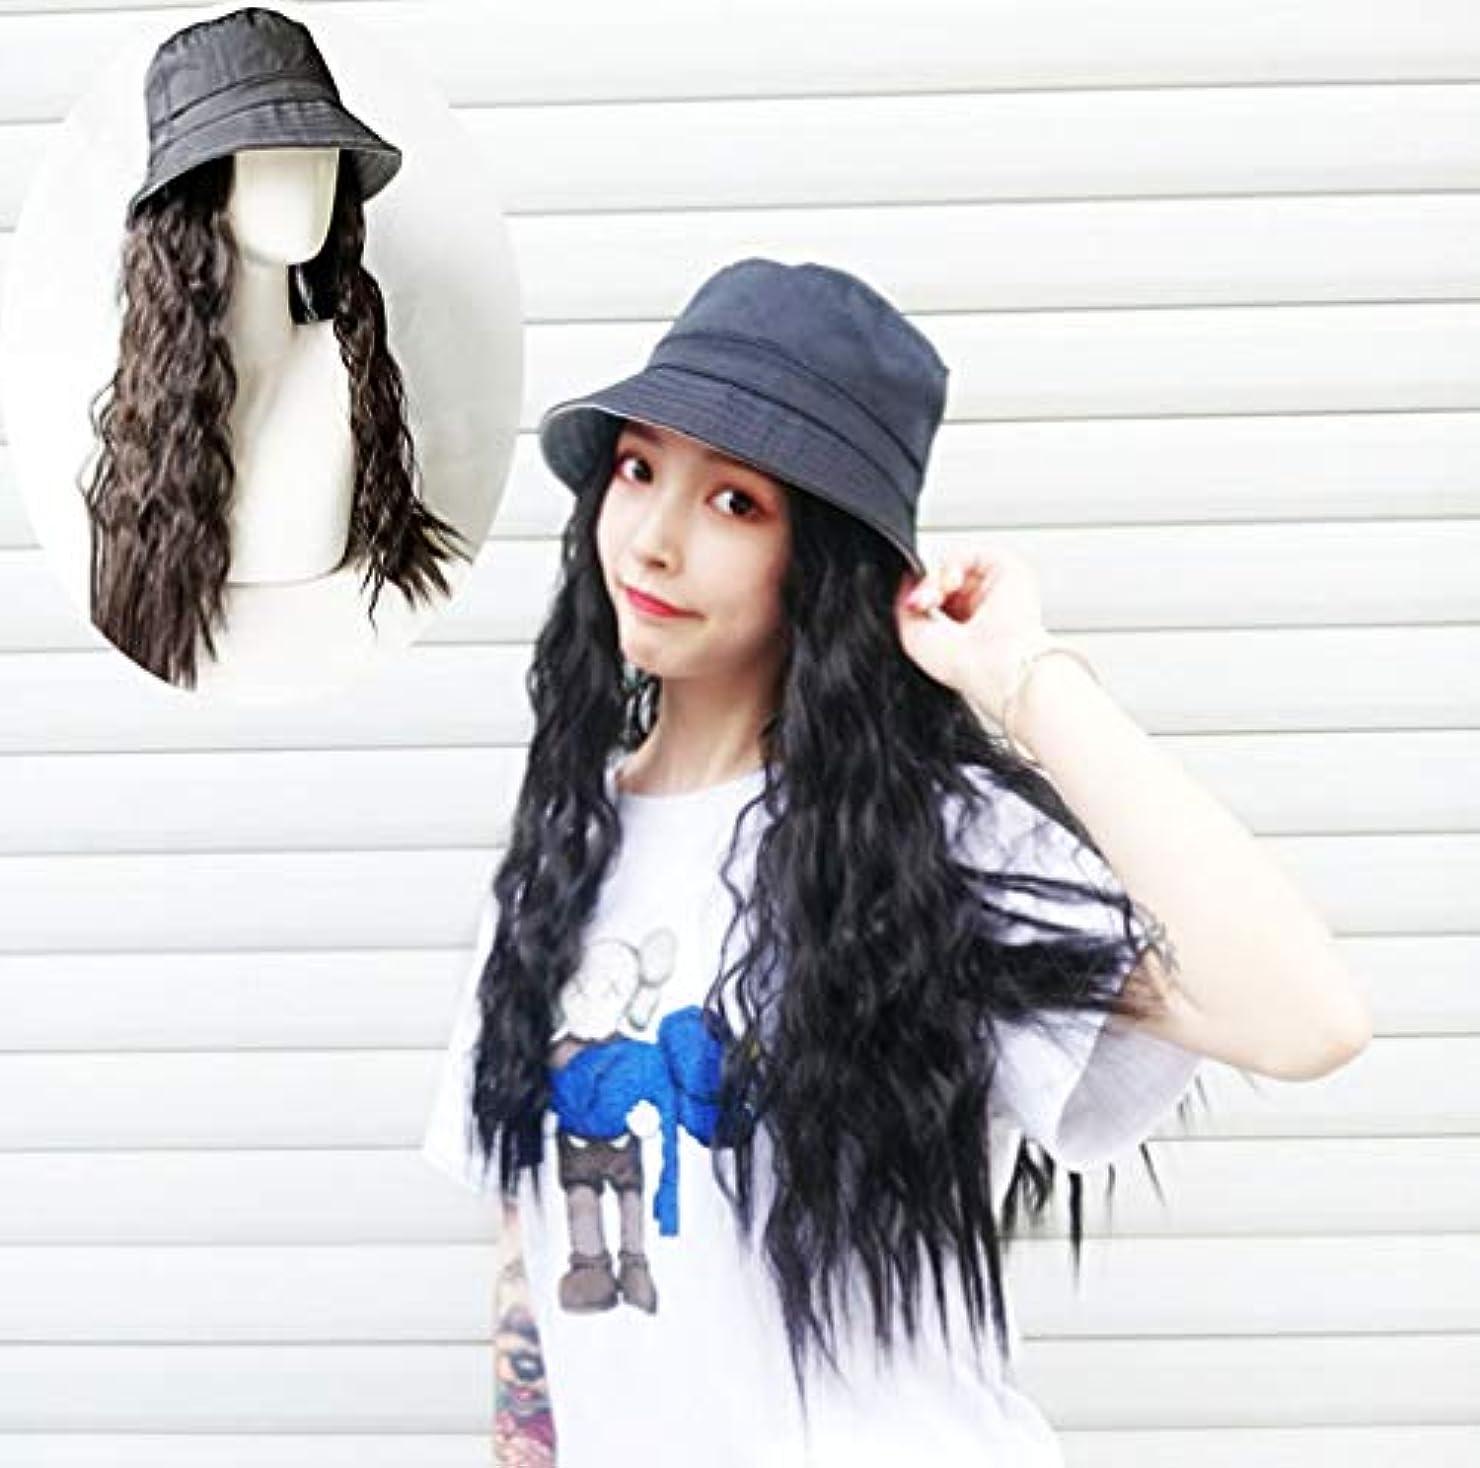 思想名詞最大の長いウェーブのかかった髪の拡張子を持つ女性野球キャップ毎日のパーティーの使用のための黒い帽子が付いた自然な人工毛65cm